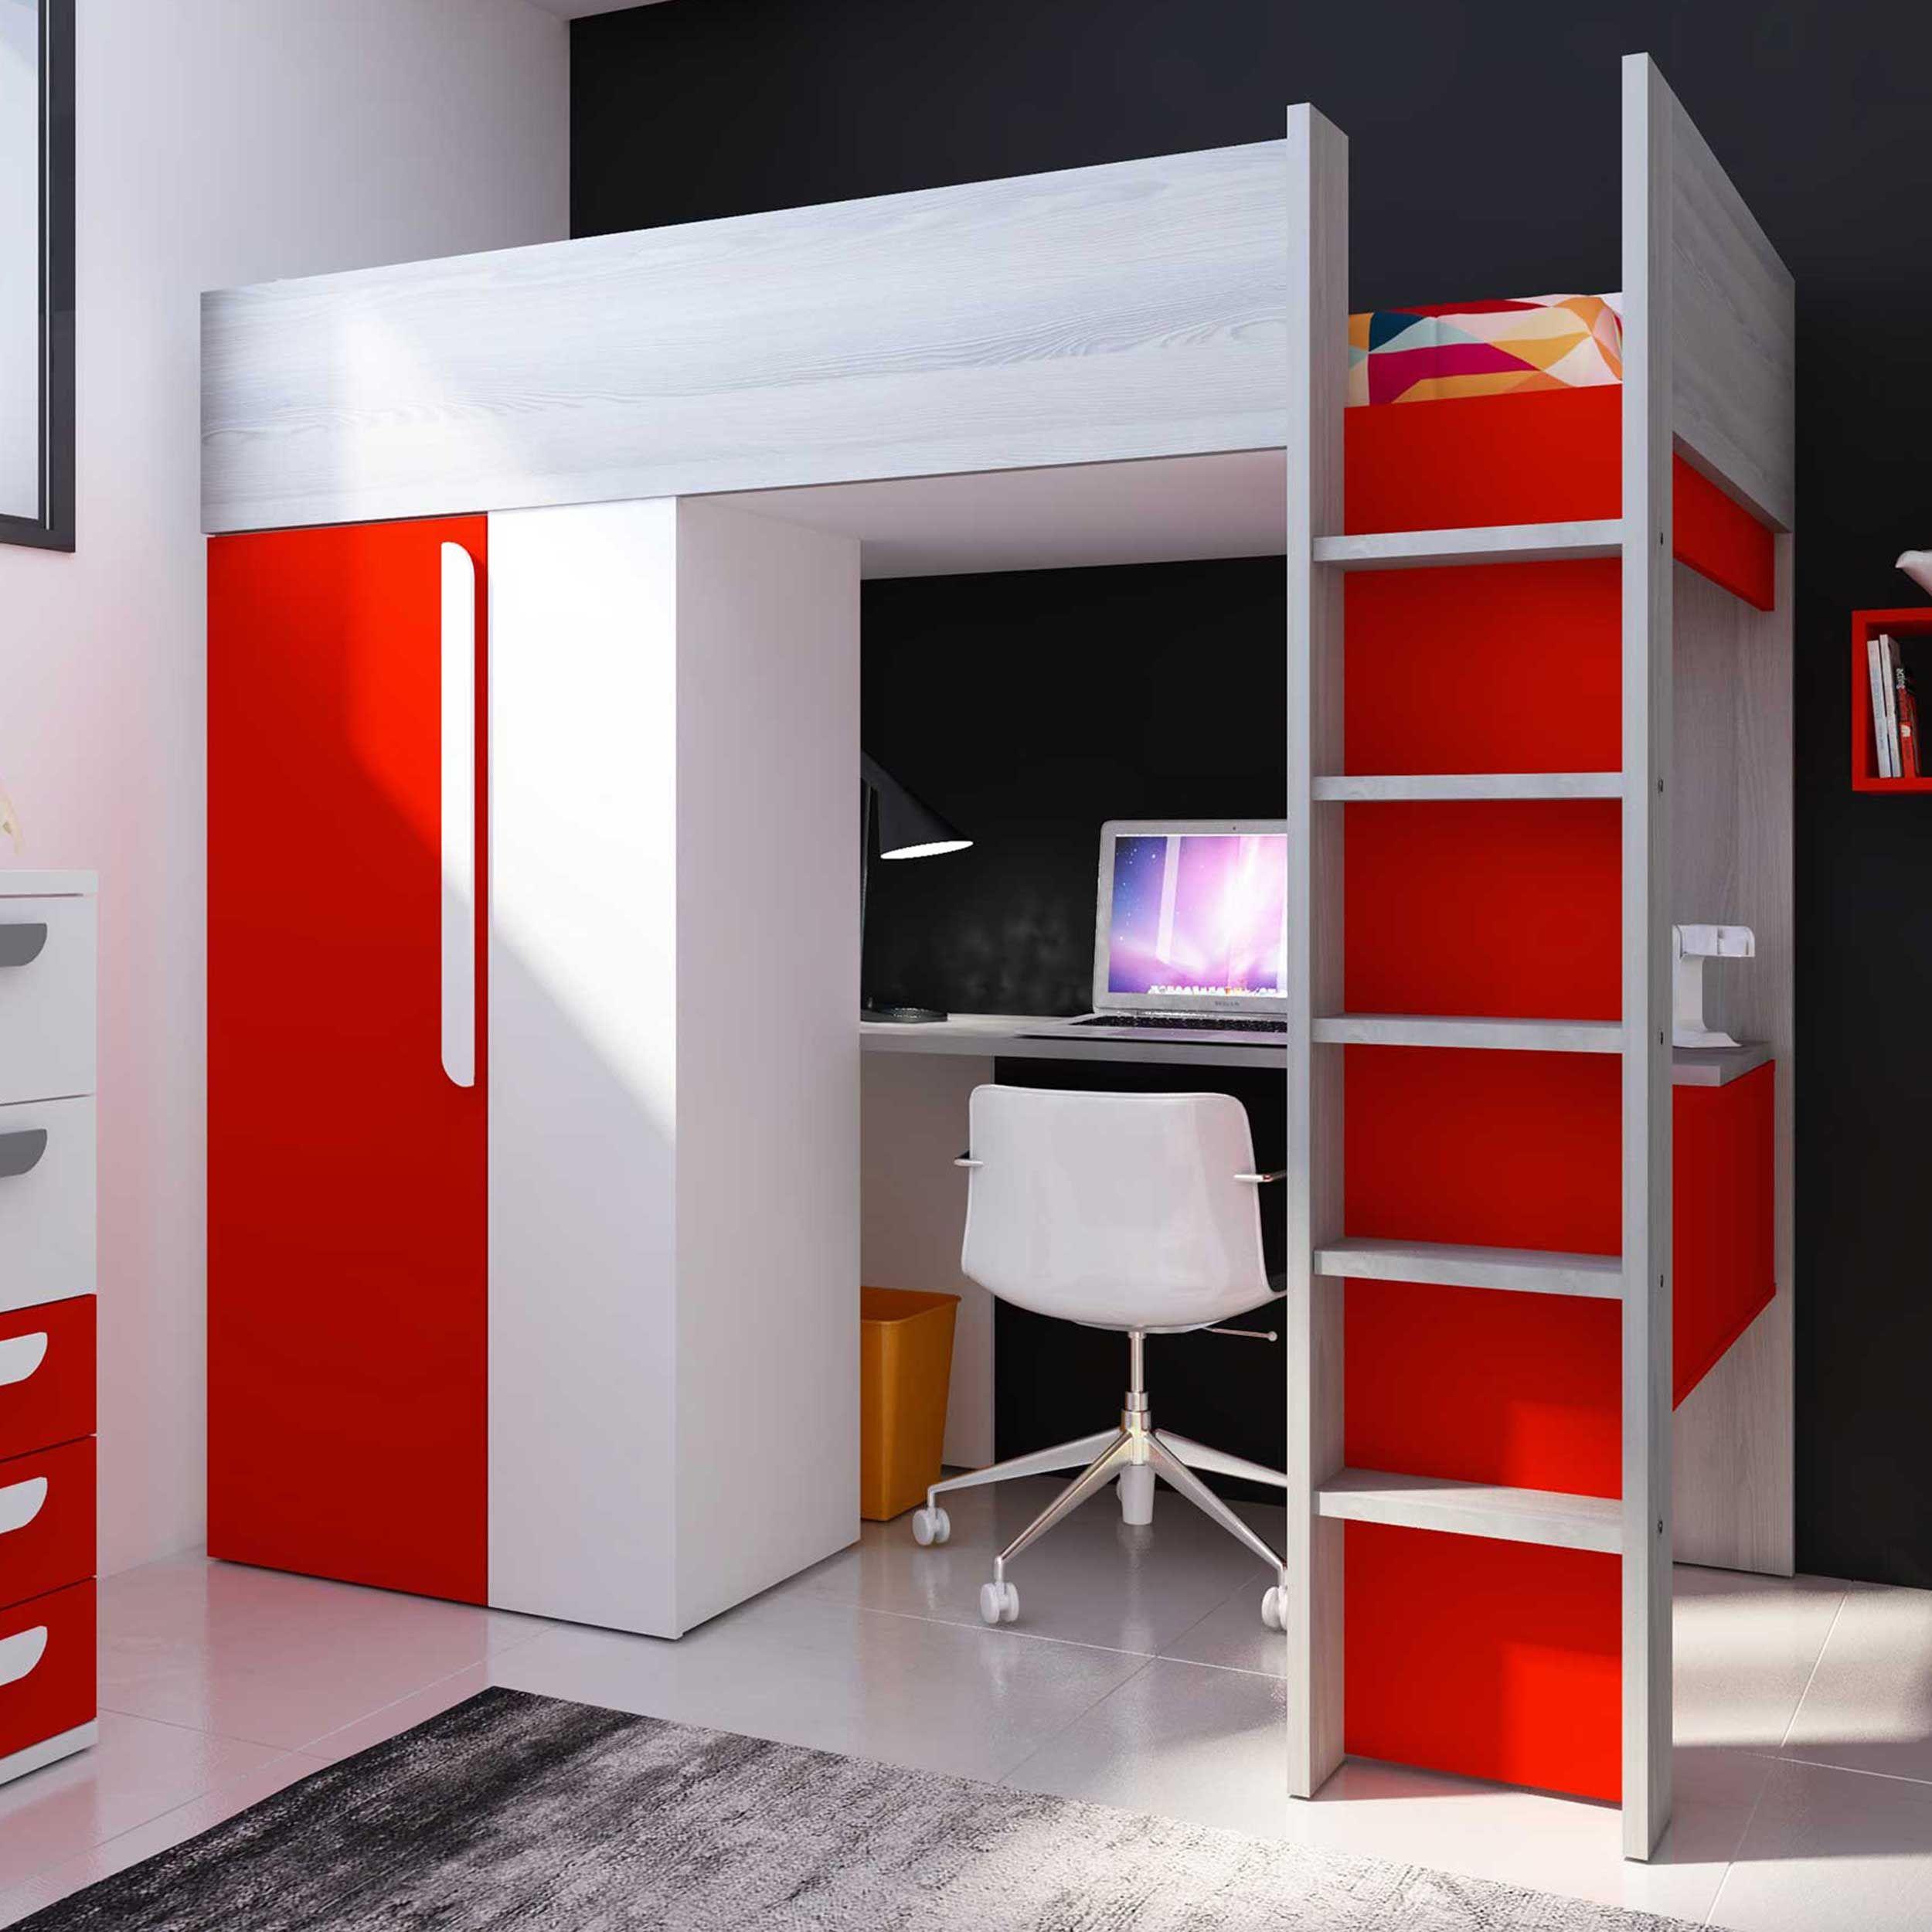 lit mezzanine beau avec bureau et armoire rouge